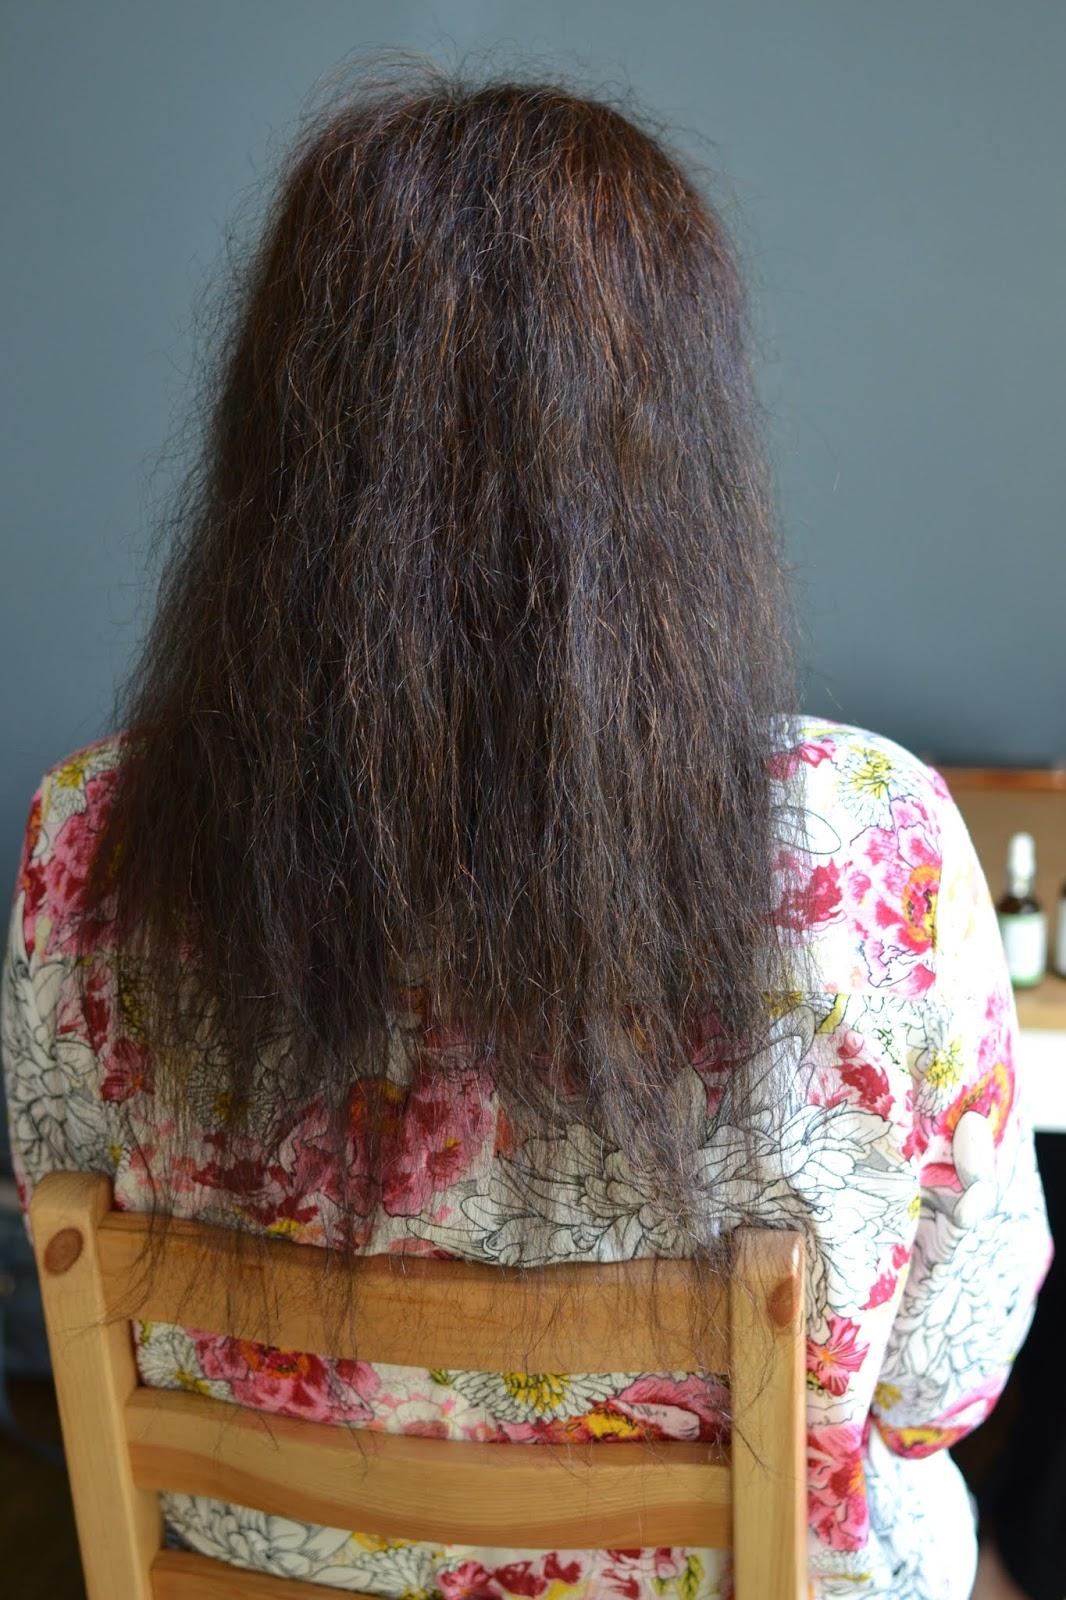 Pielęgnacja włosów Bożeny - produkty z Włosbox w akcji